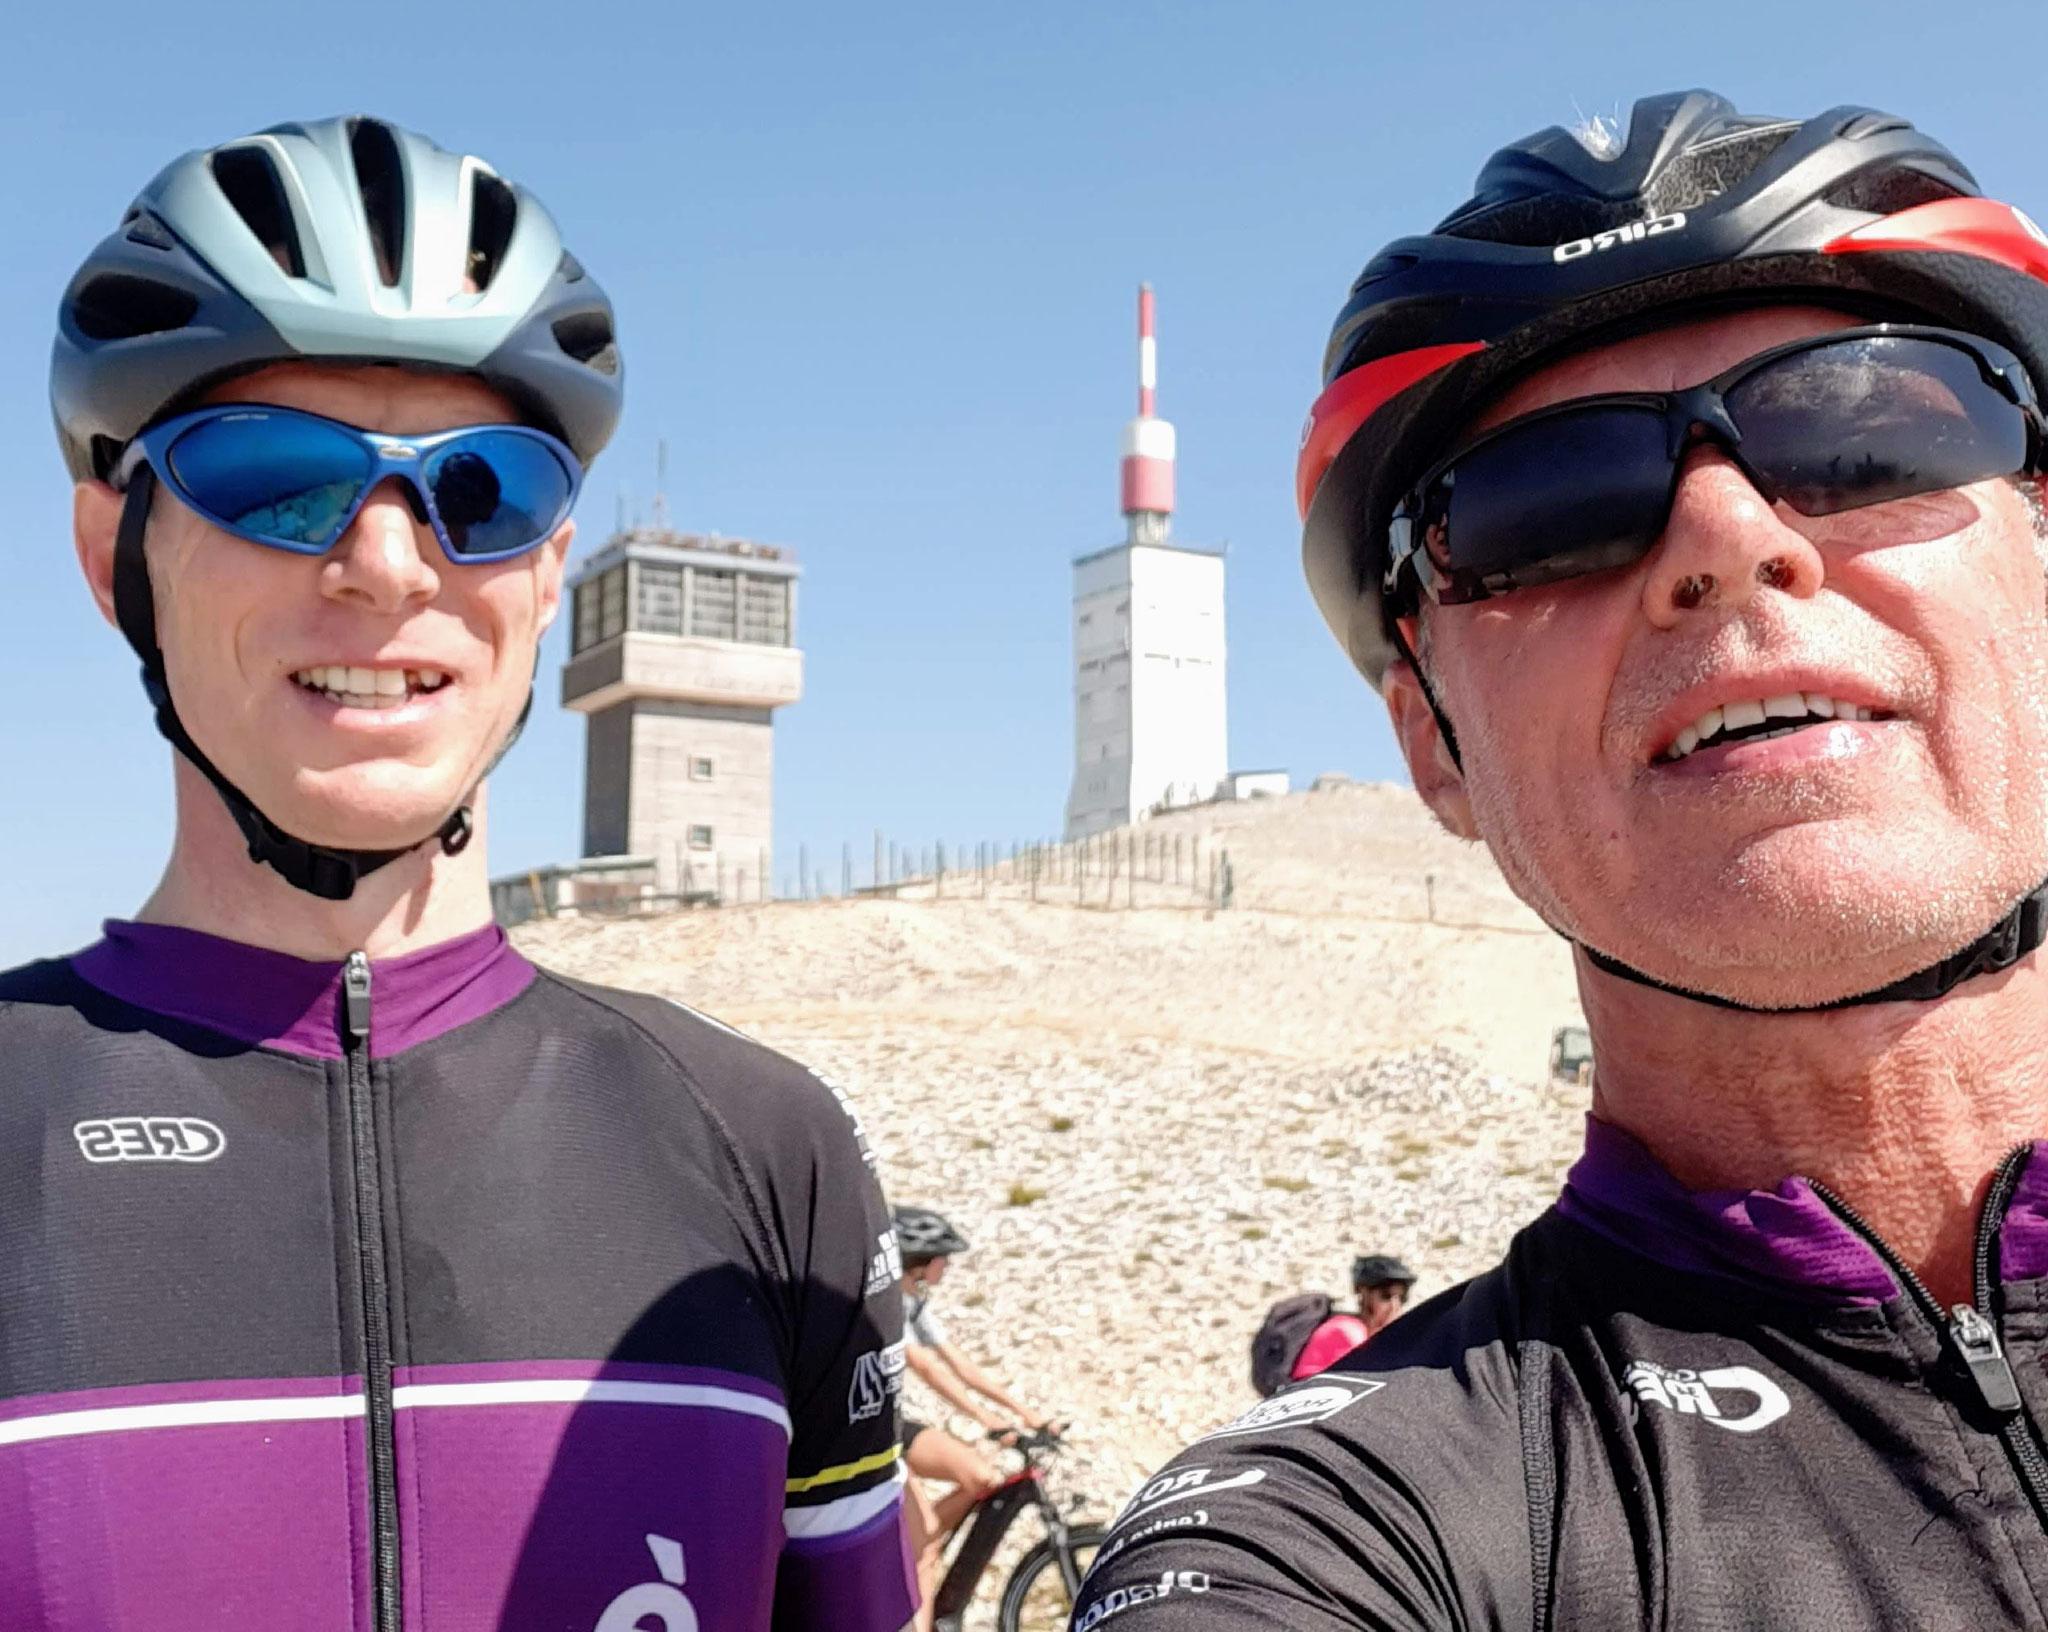 Philip et John : Sortie au Mont Ventoux